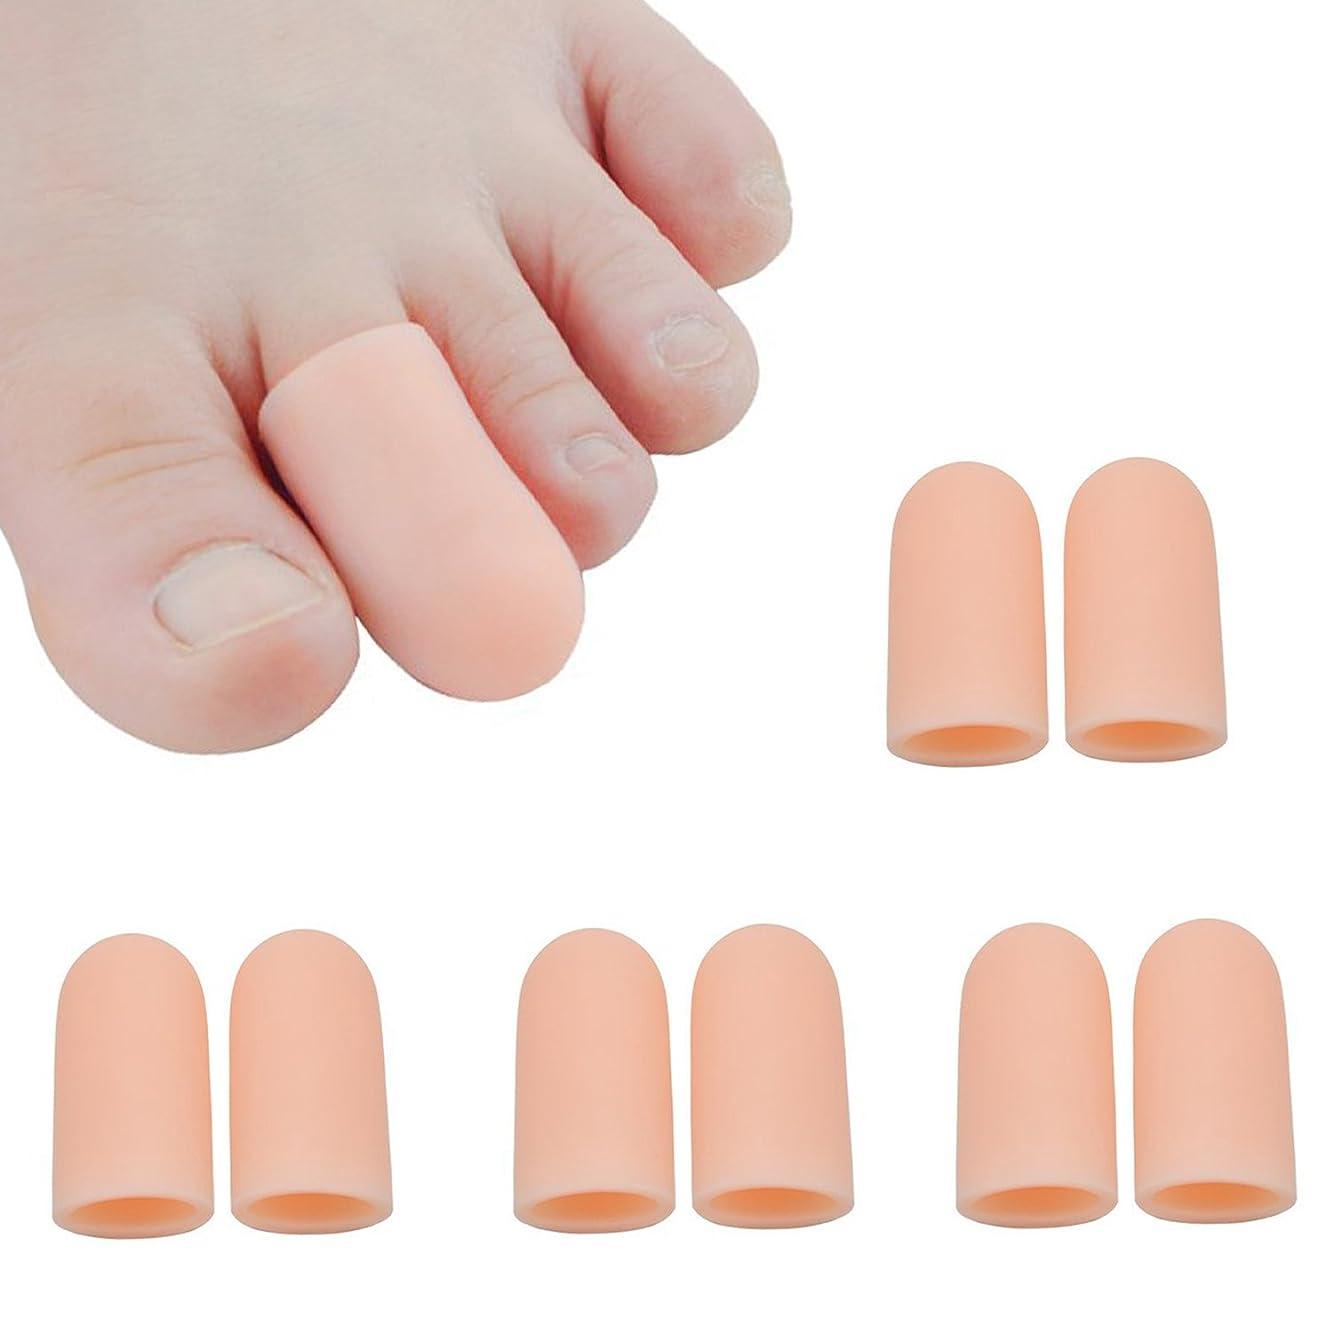 通り想像力豊かな入植者足指保護キャップ つま先プロテクター 足先のつめ保護キャップ シリコン (肌の色)